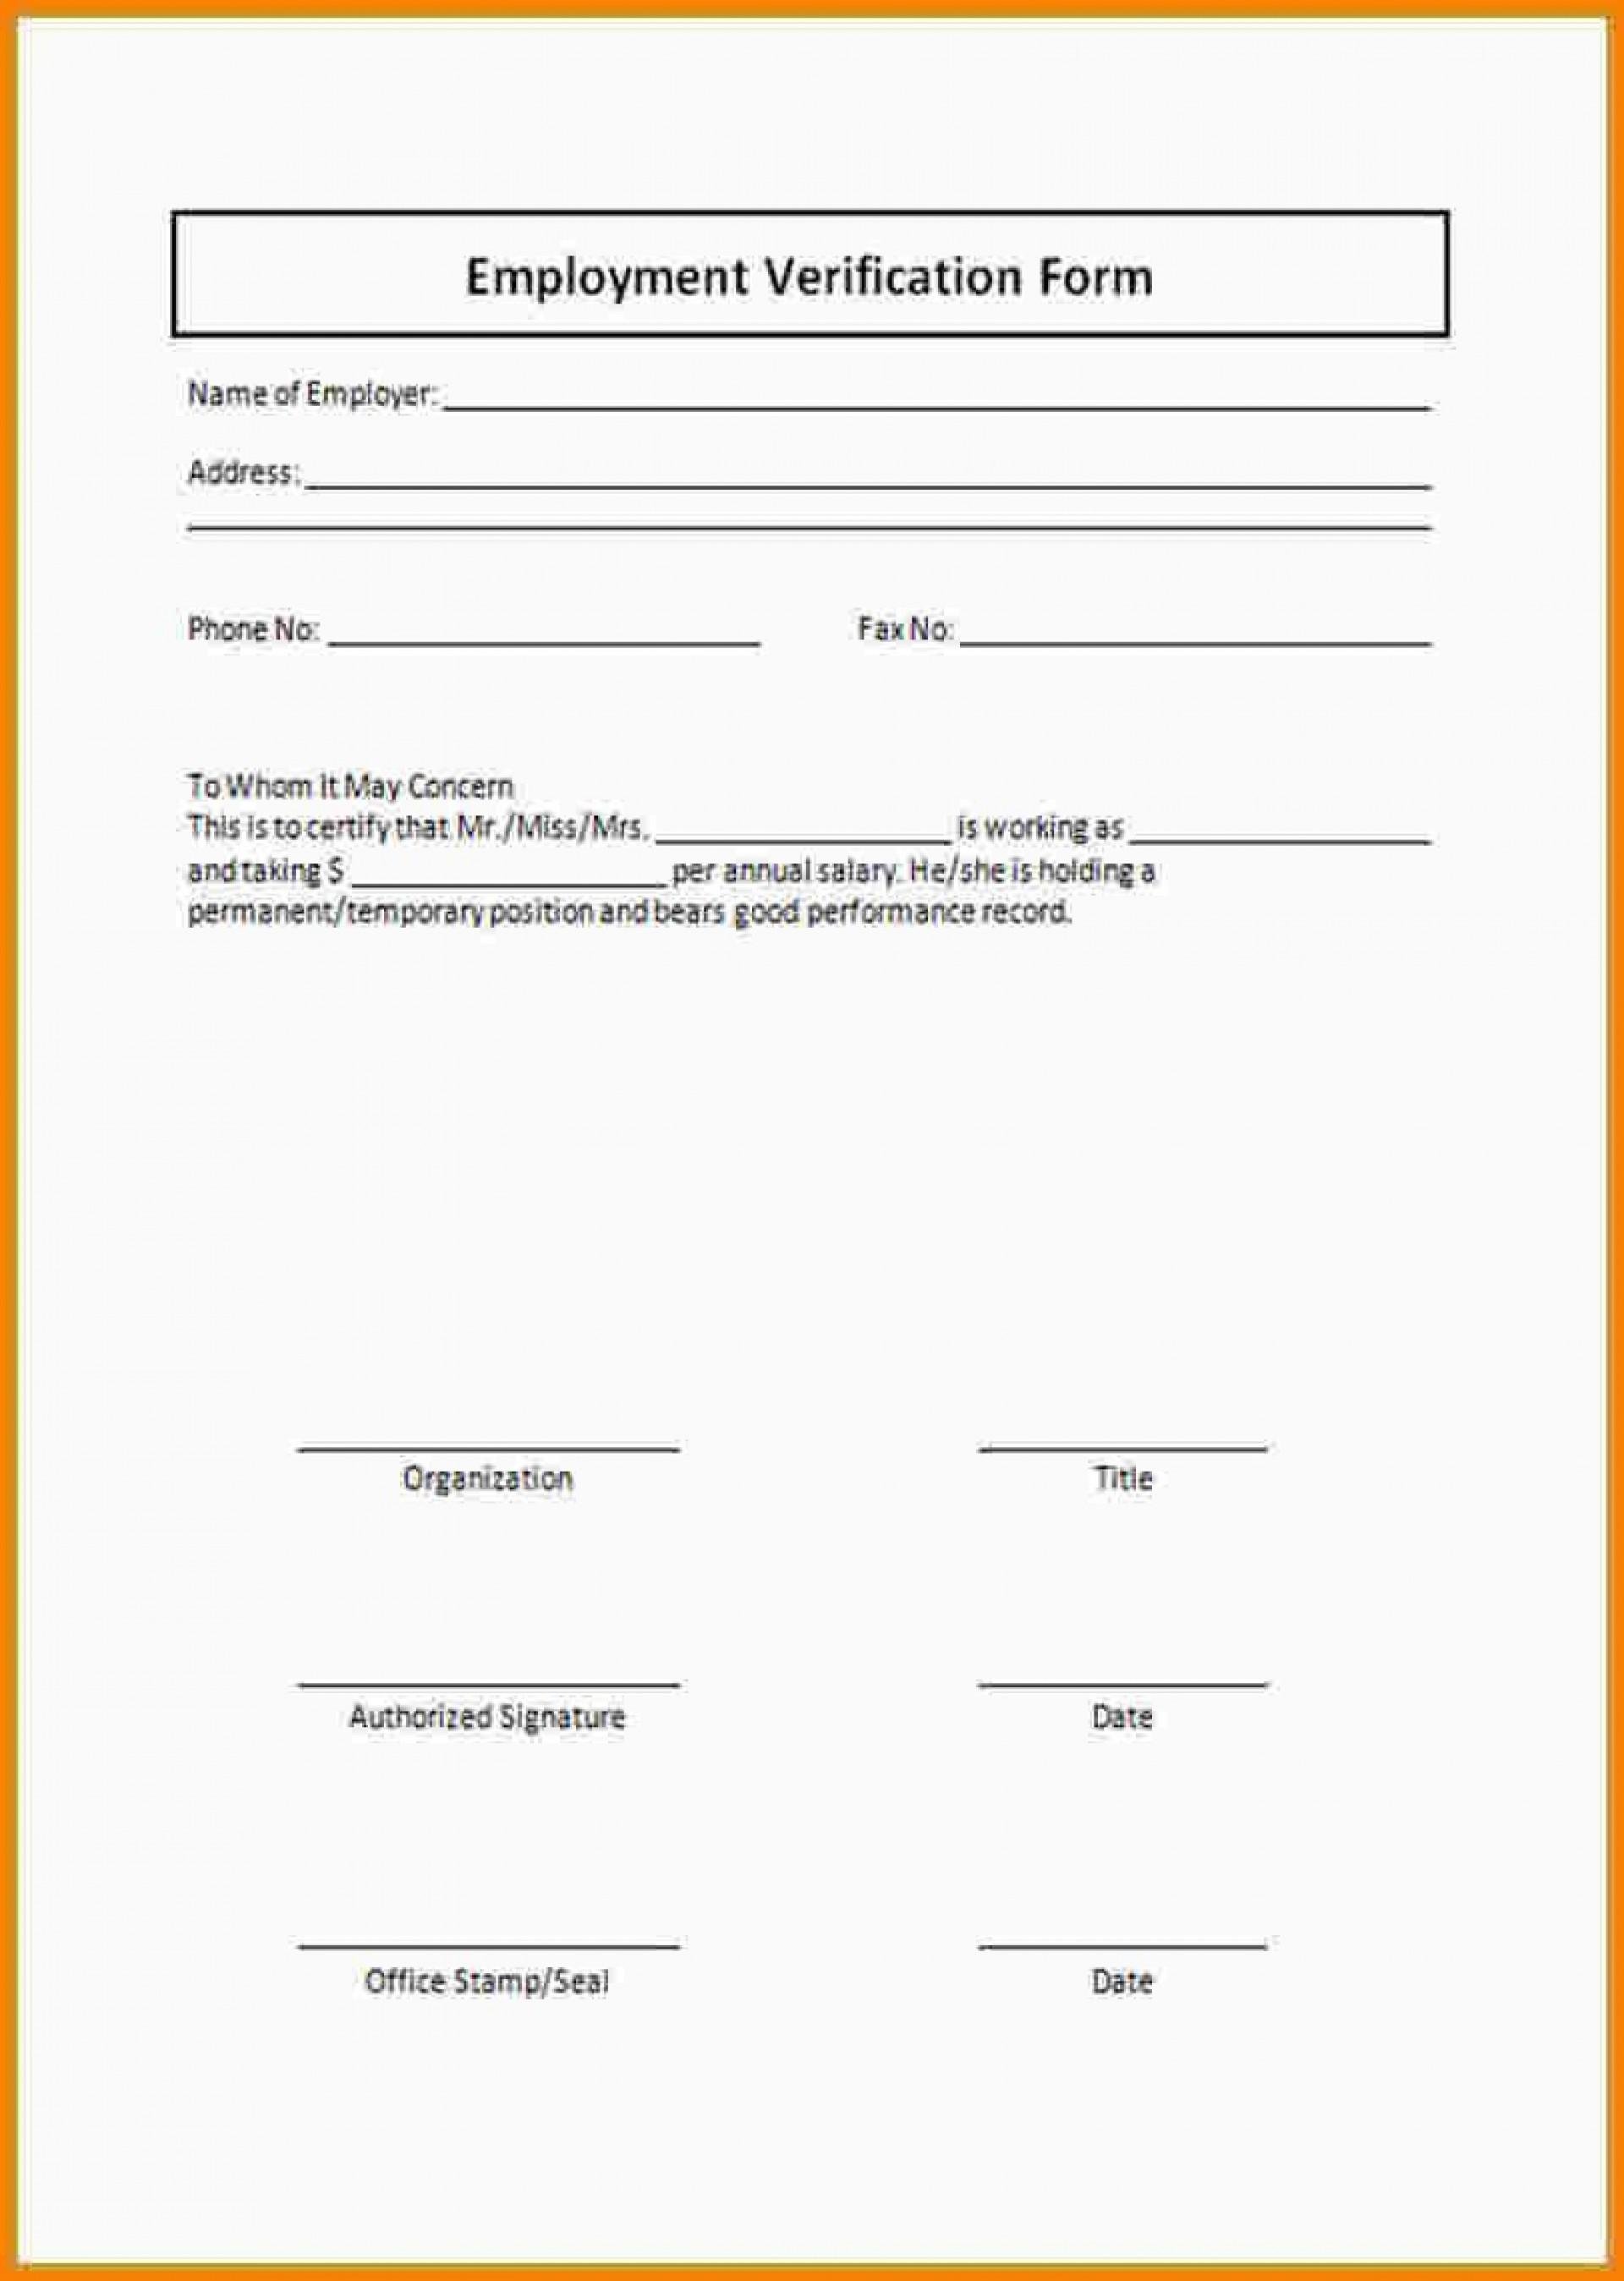 000 Unbelievable Employment Verification Form Template High Definition  Templates Previou Past Printable1920